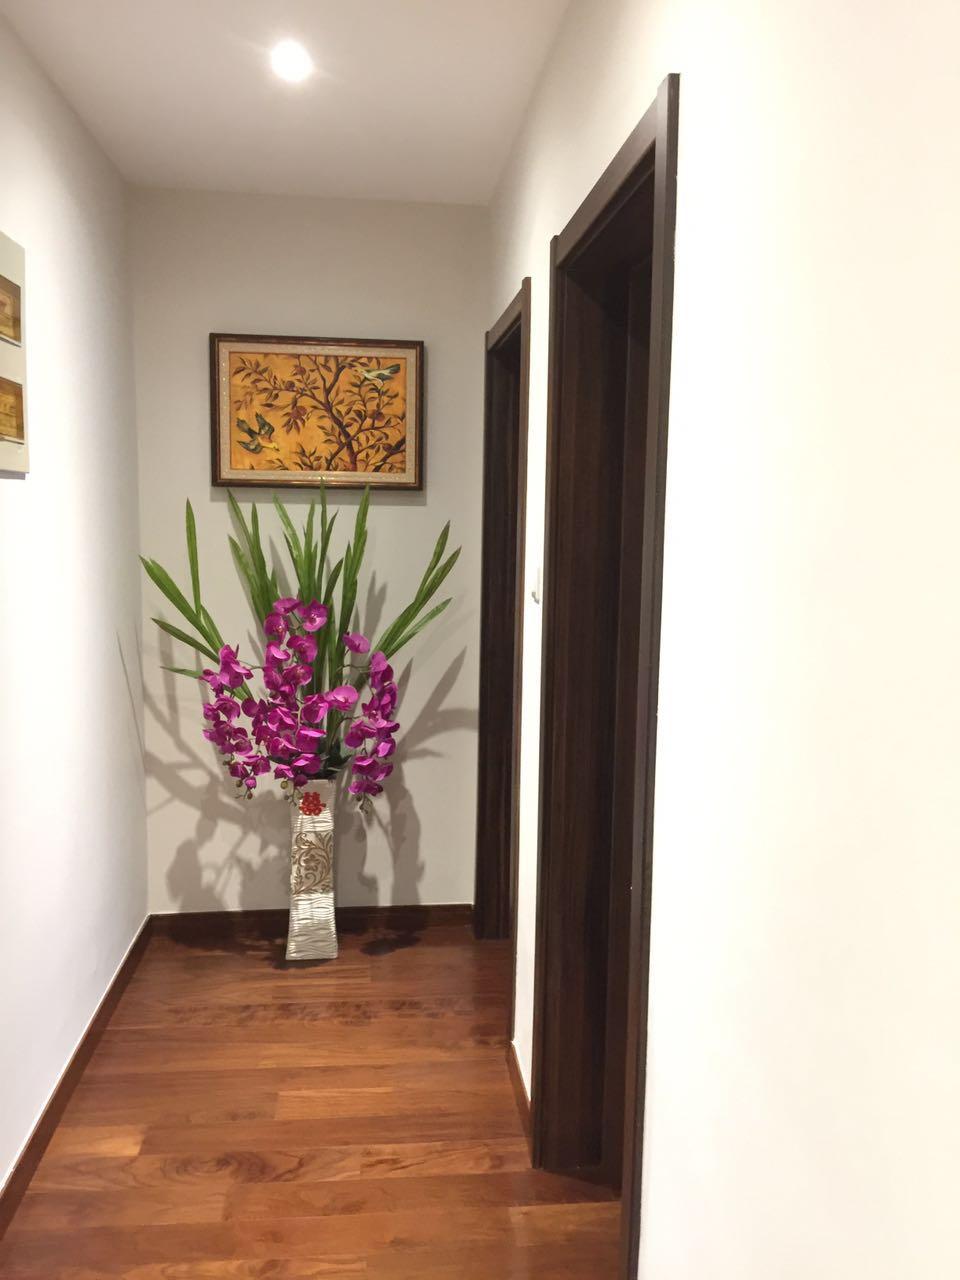 走廊处放置盆栽,让空间瞬间鲜活起来